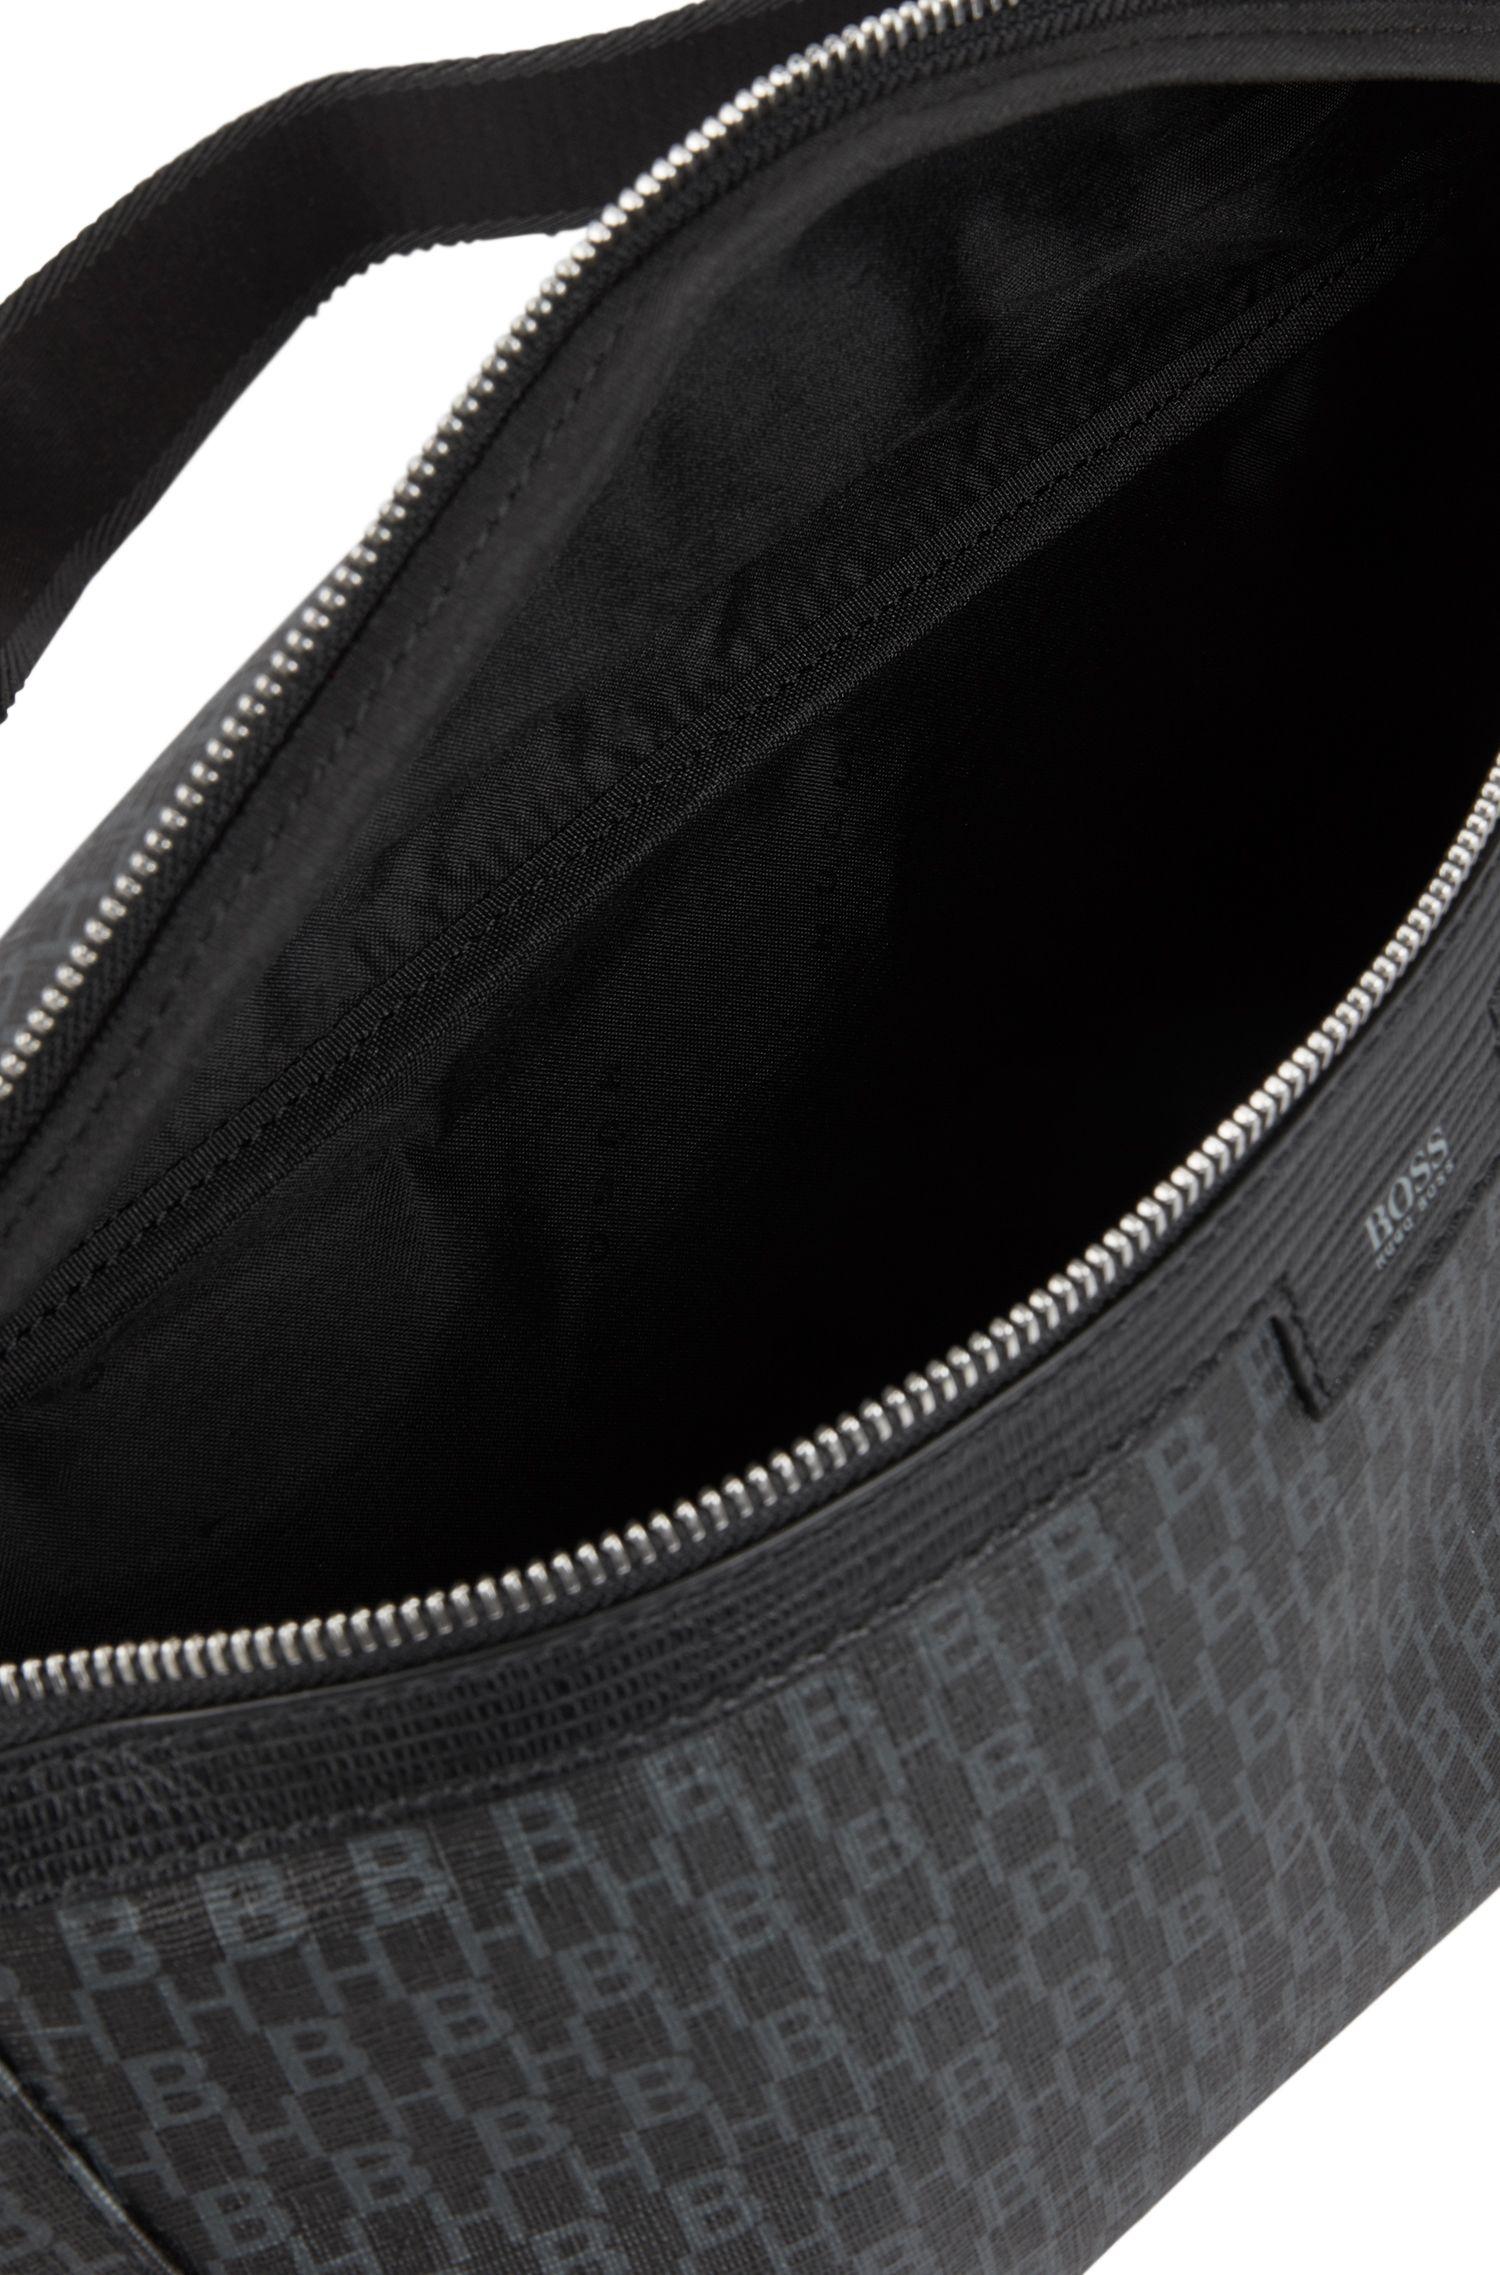 Sac ceinture en tissu italien avec imprimé HB, Noir